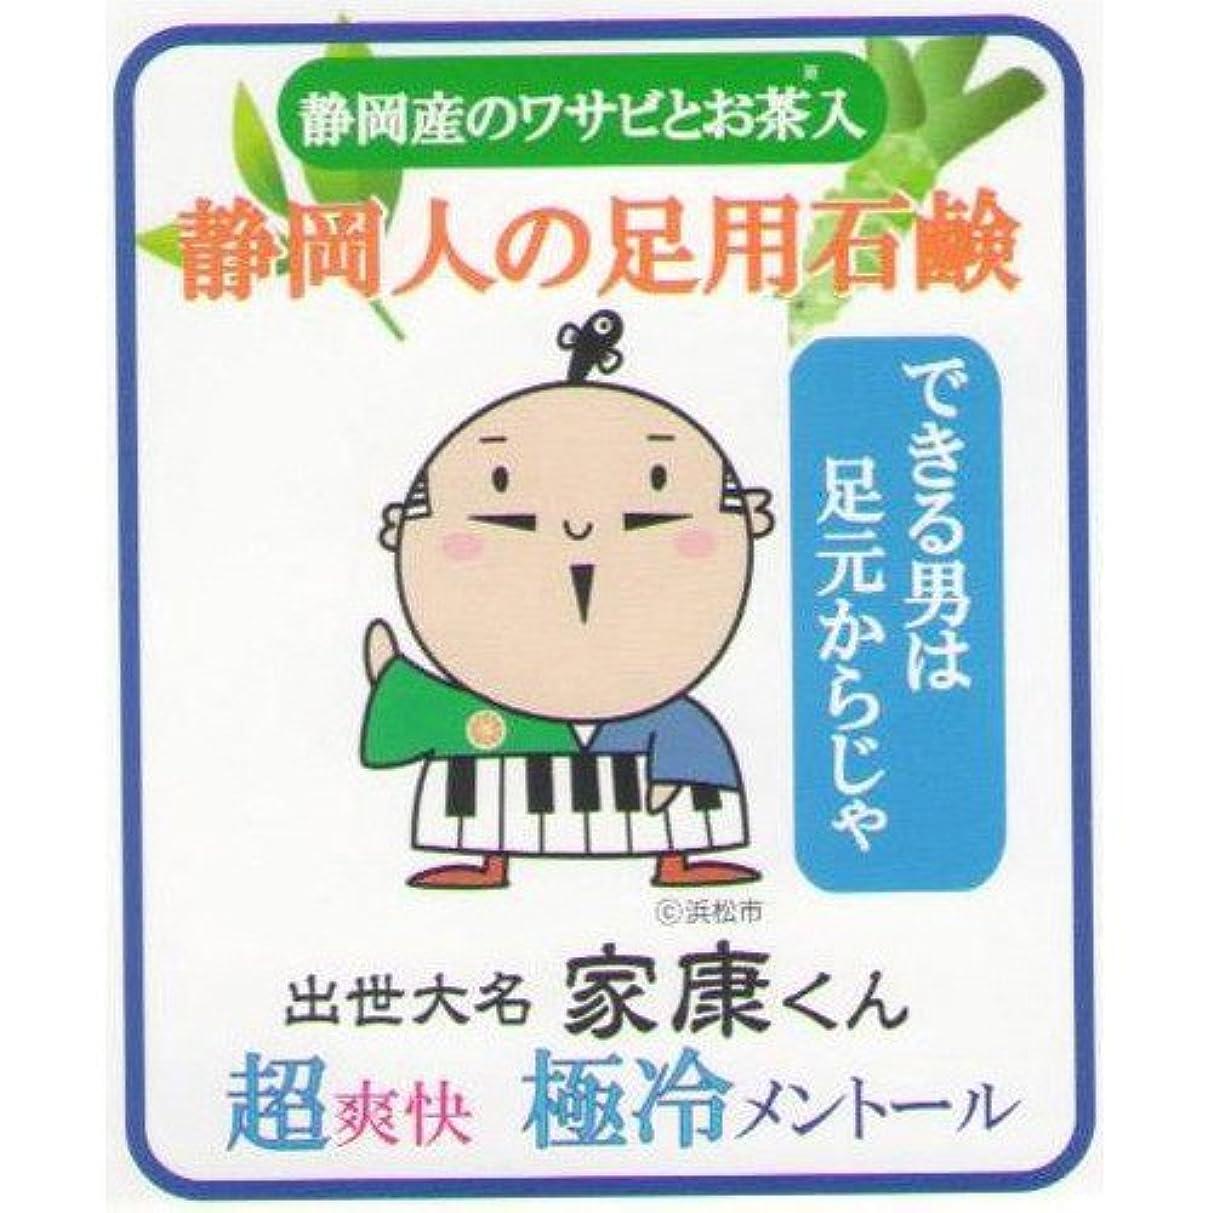 個人スタンド最も静岡人の足用石鹸 極冷メントール 60g ネット付き